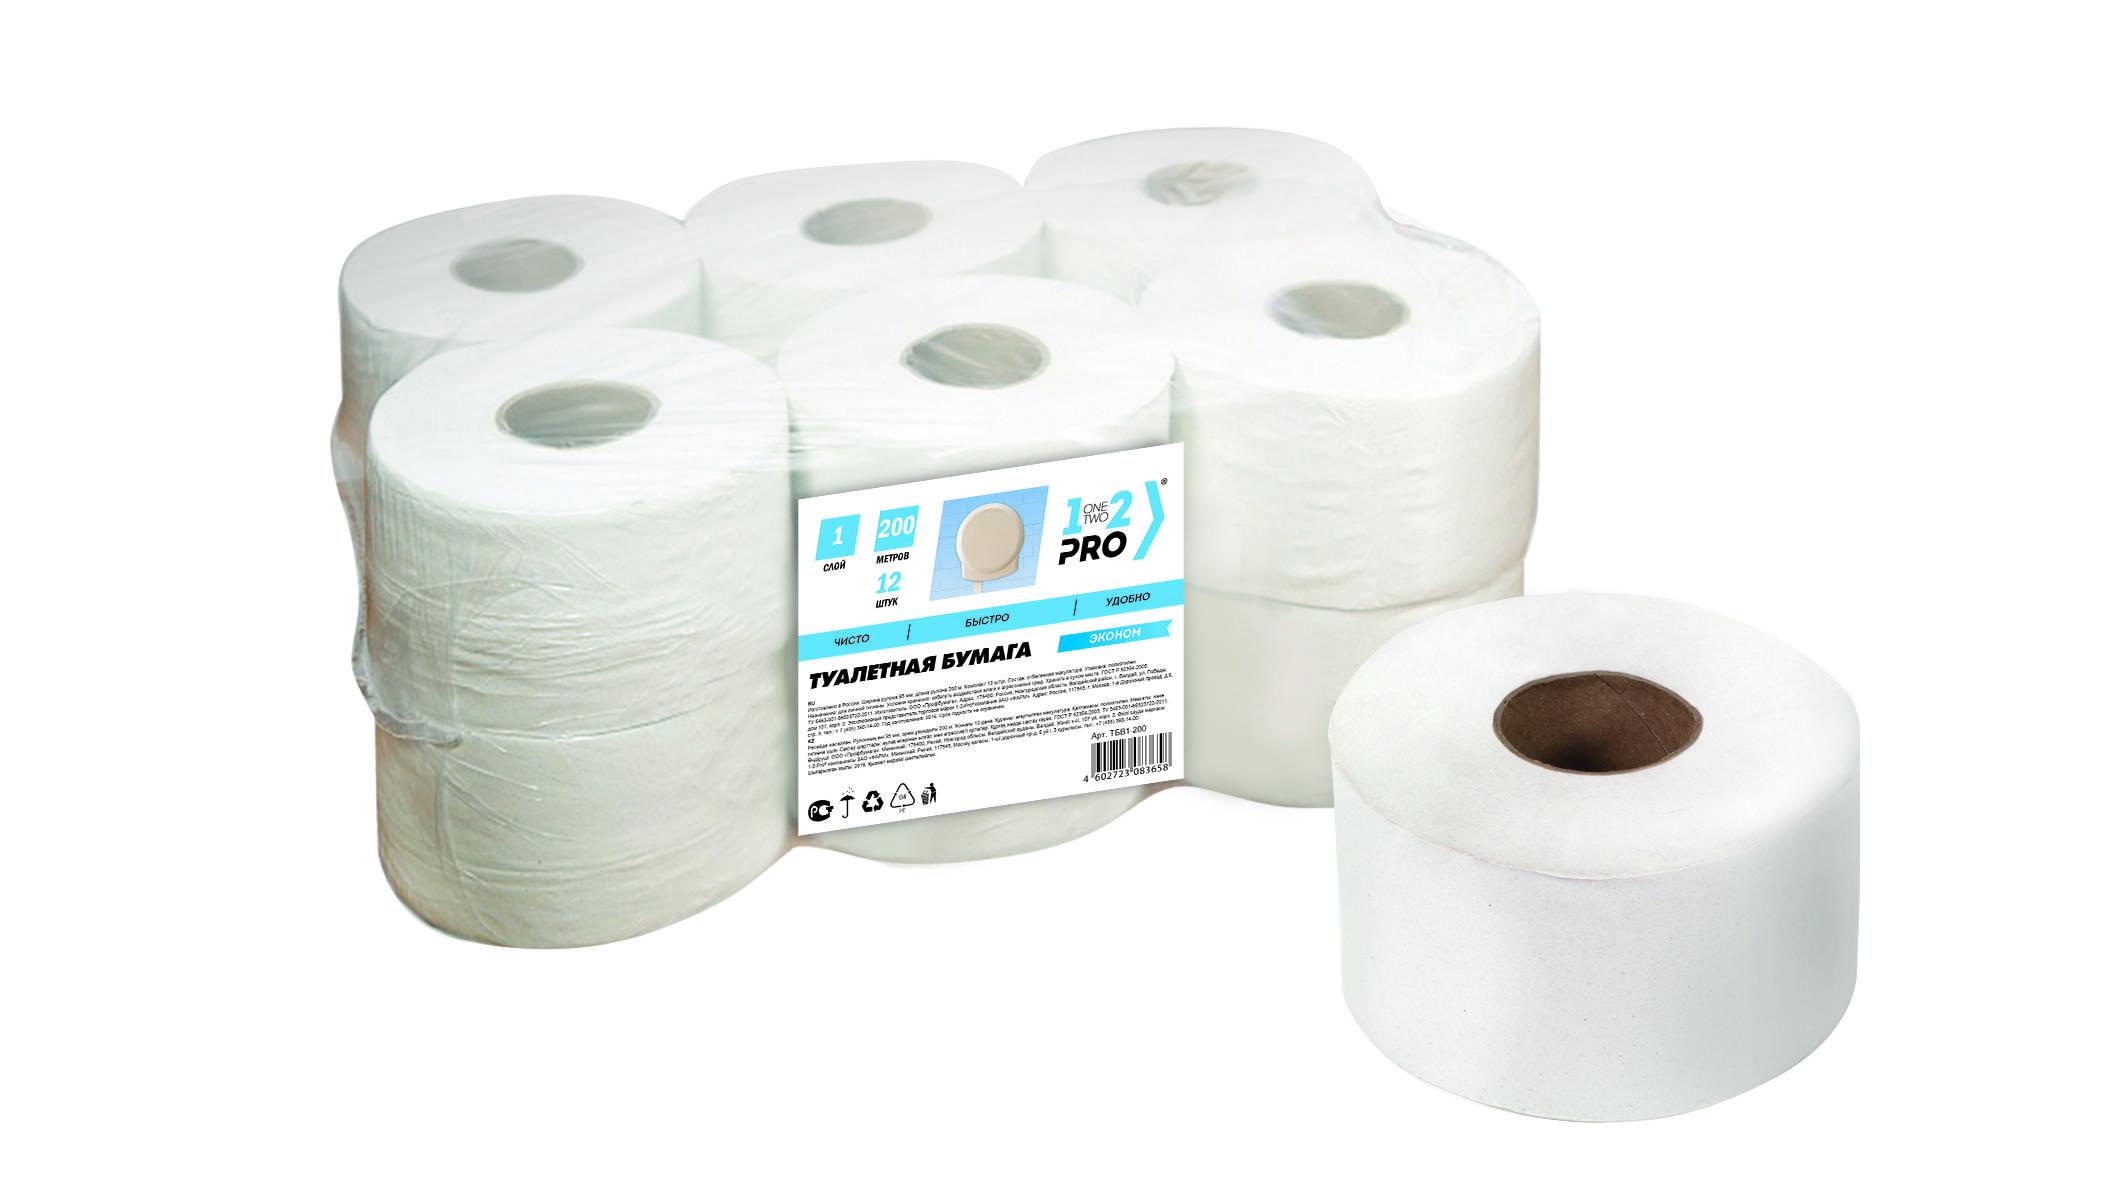 Туалетная бумага, однослойная, 1-2-PRO ЭКОНОМ, 200 м, белый